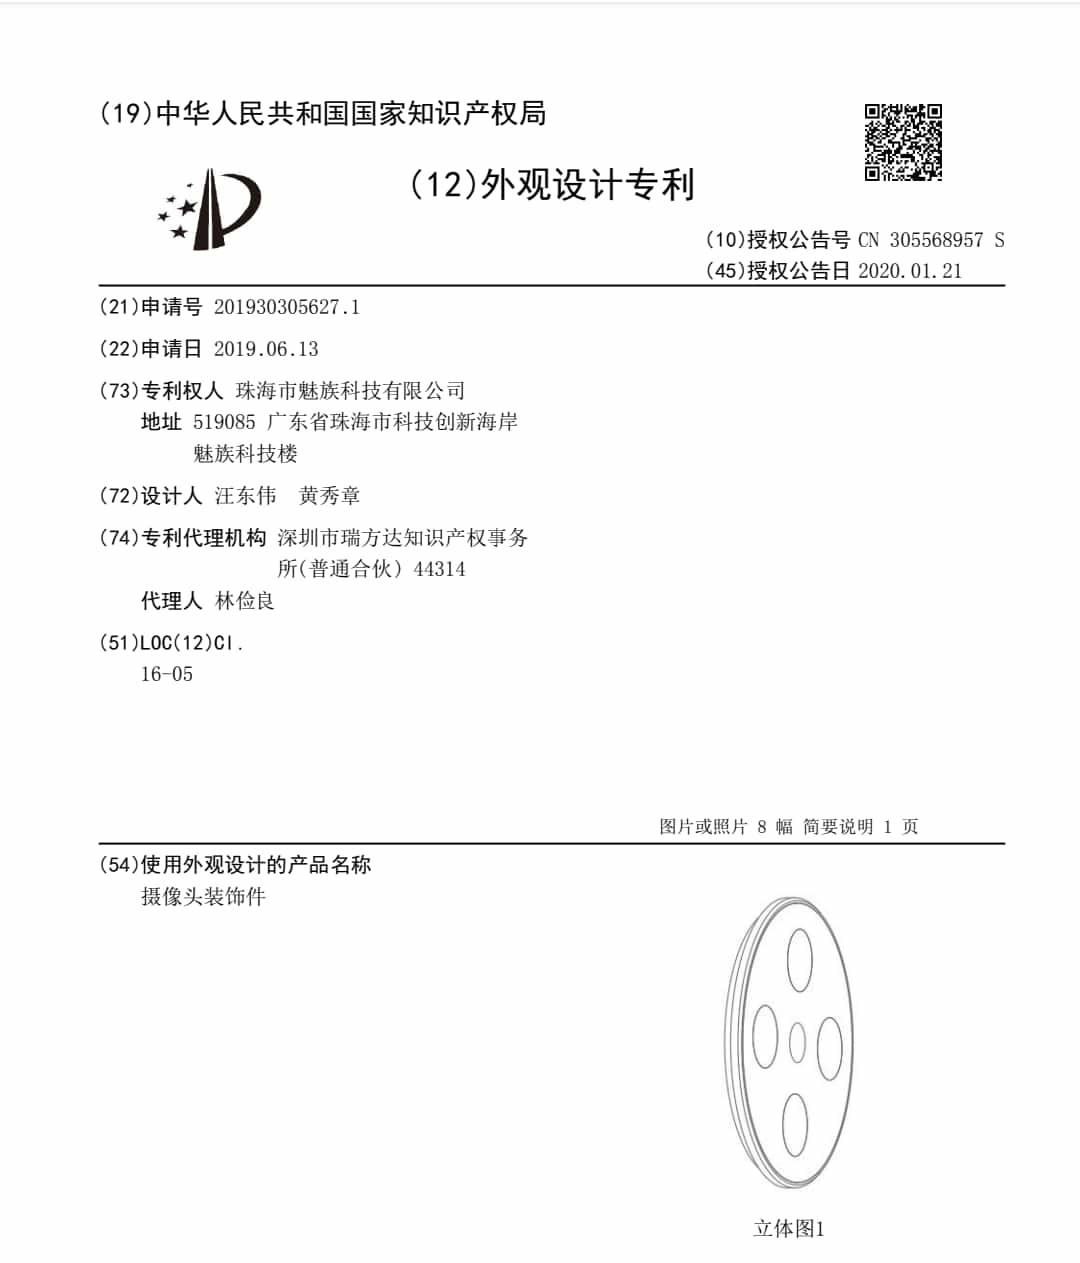 Meizu oreo camera patent